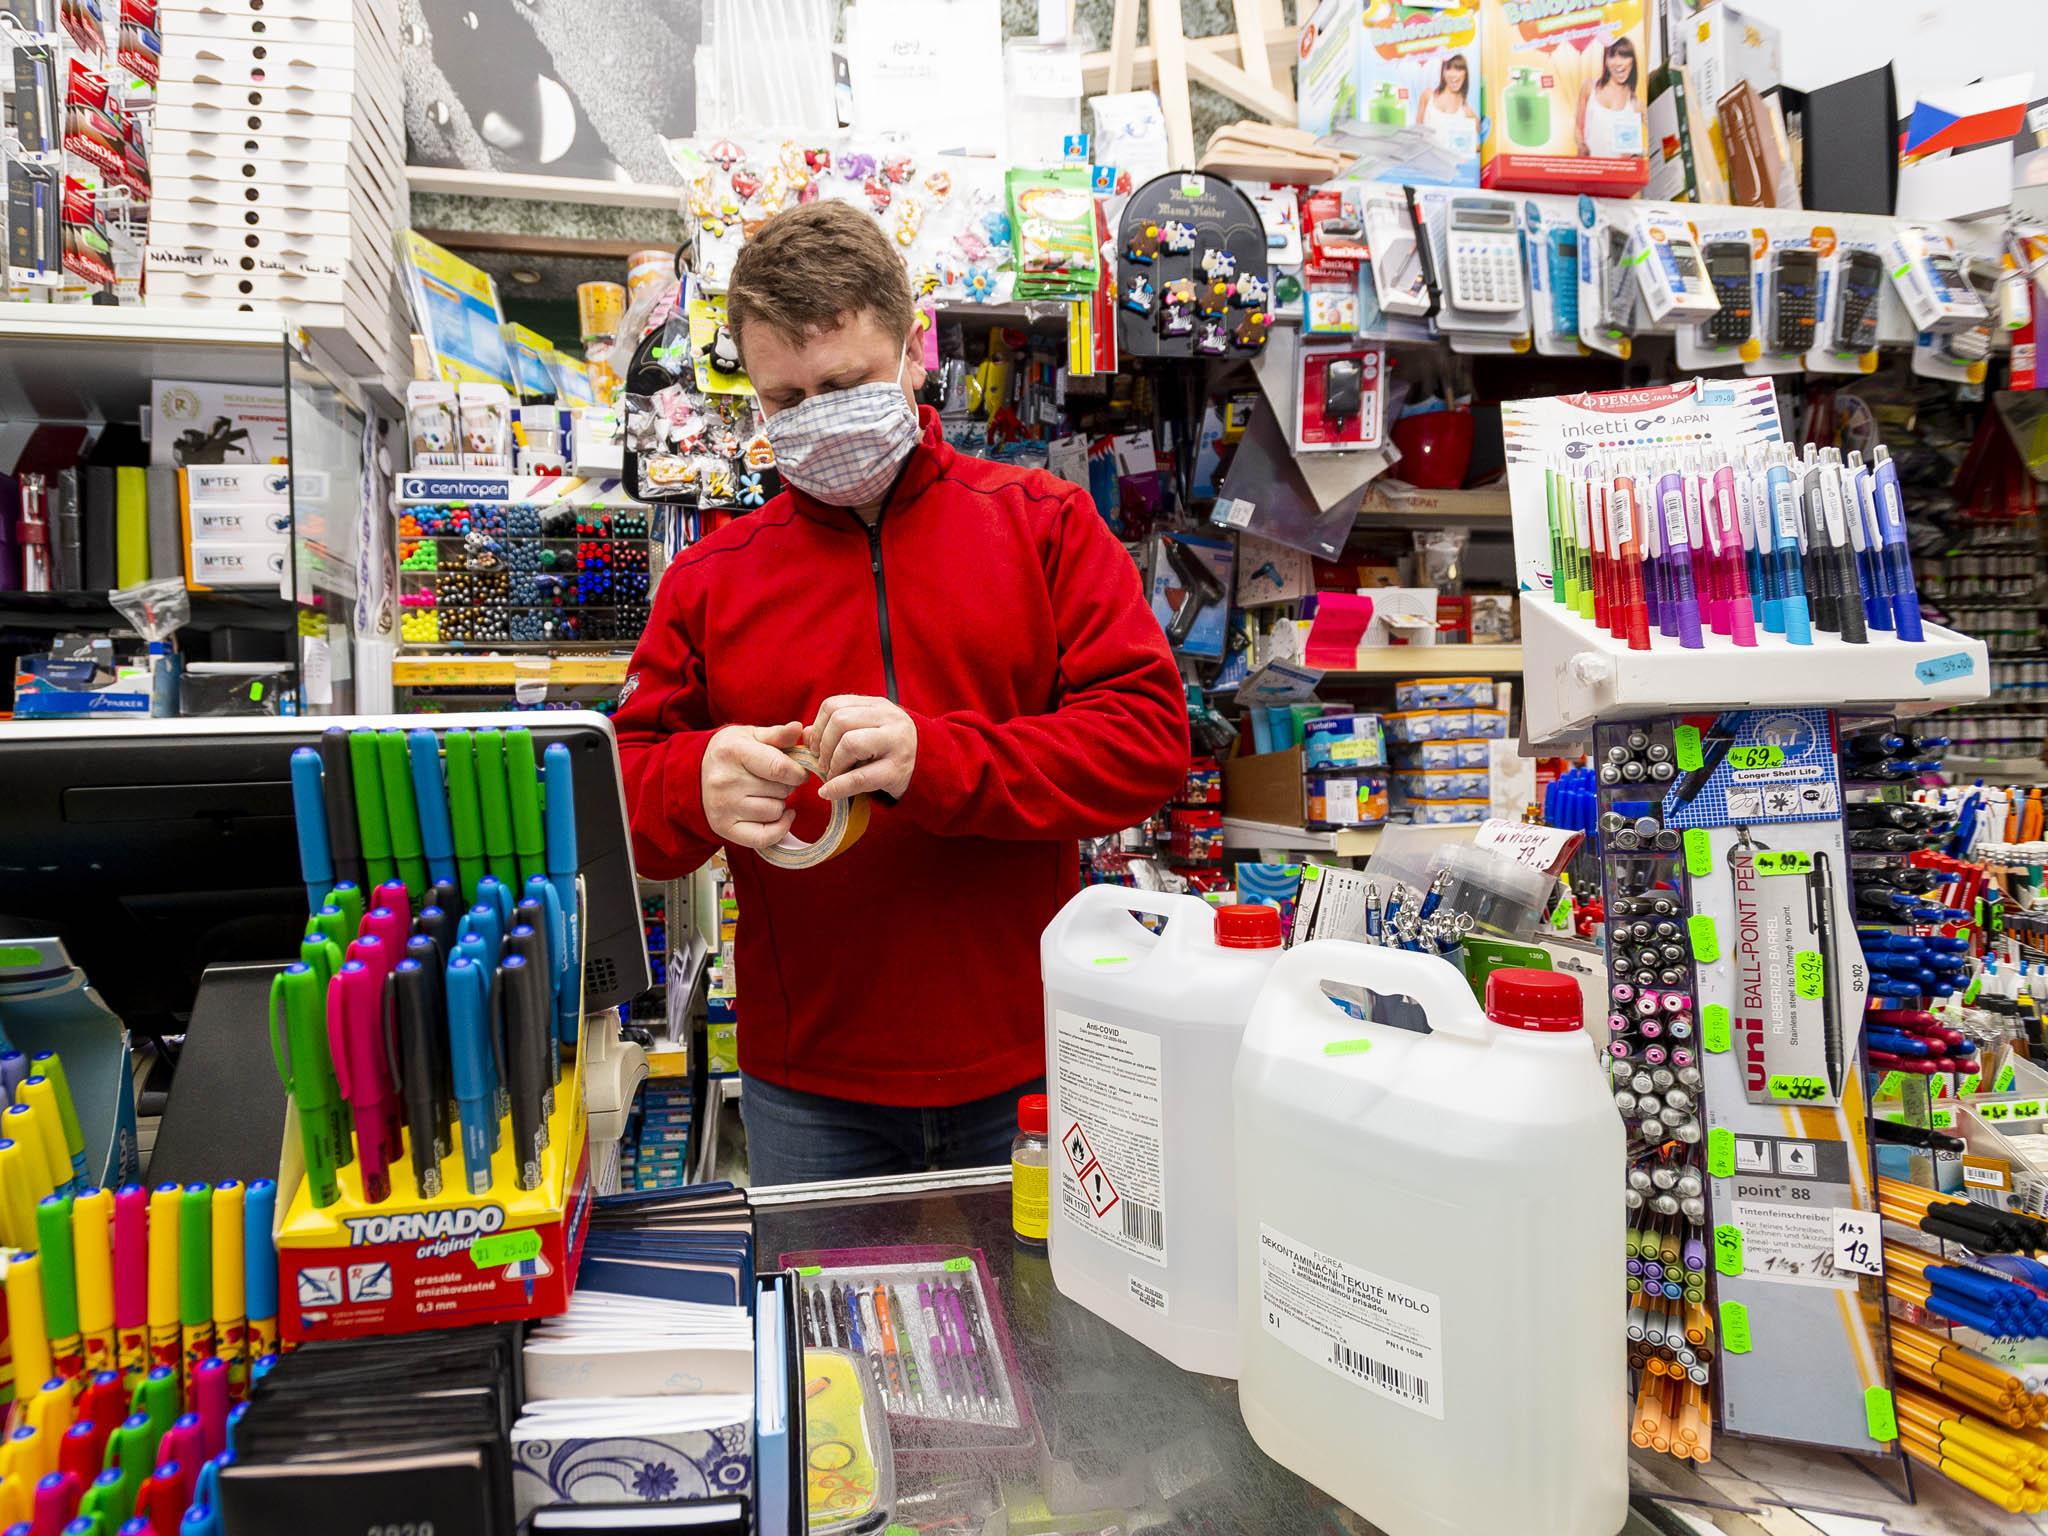 Majitel chomutovského papírnictví Petr Vaněk připravuje lepící pásku k vyznačení zóny u pokladny poté, co vláda oznámila uvolnění opatření proti koronaviru a svůj obchod bude moct od pondělí otevřít.